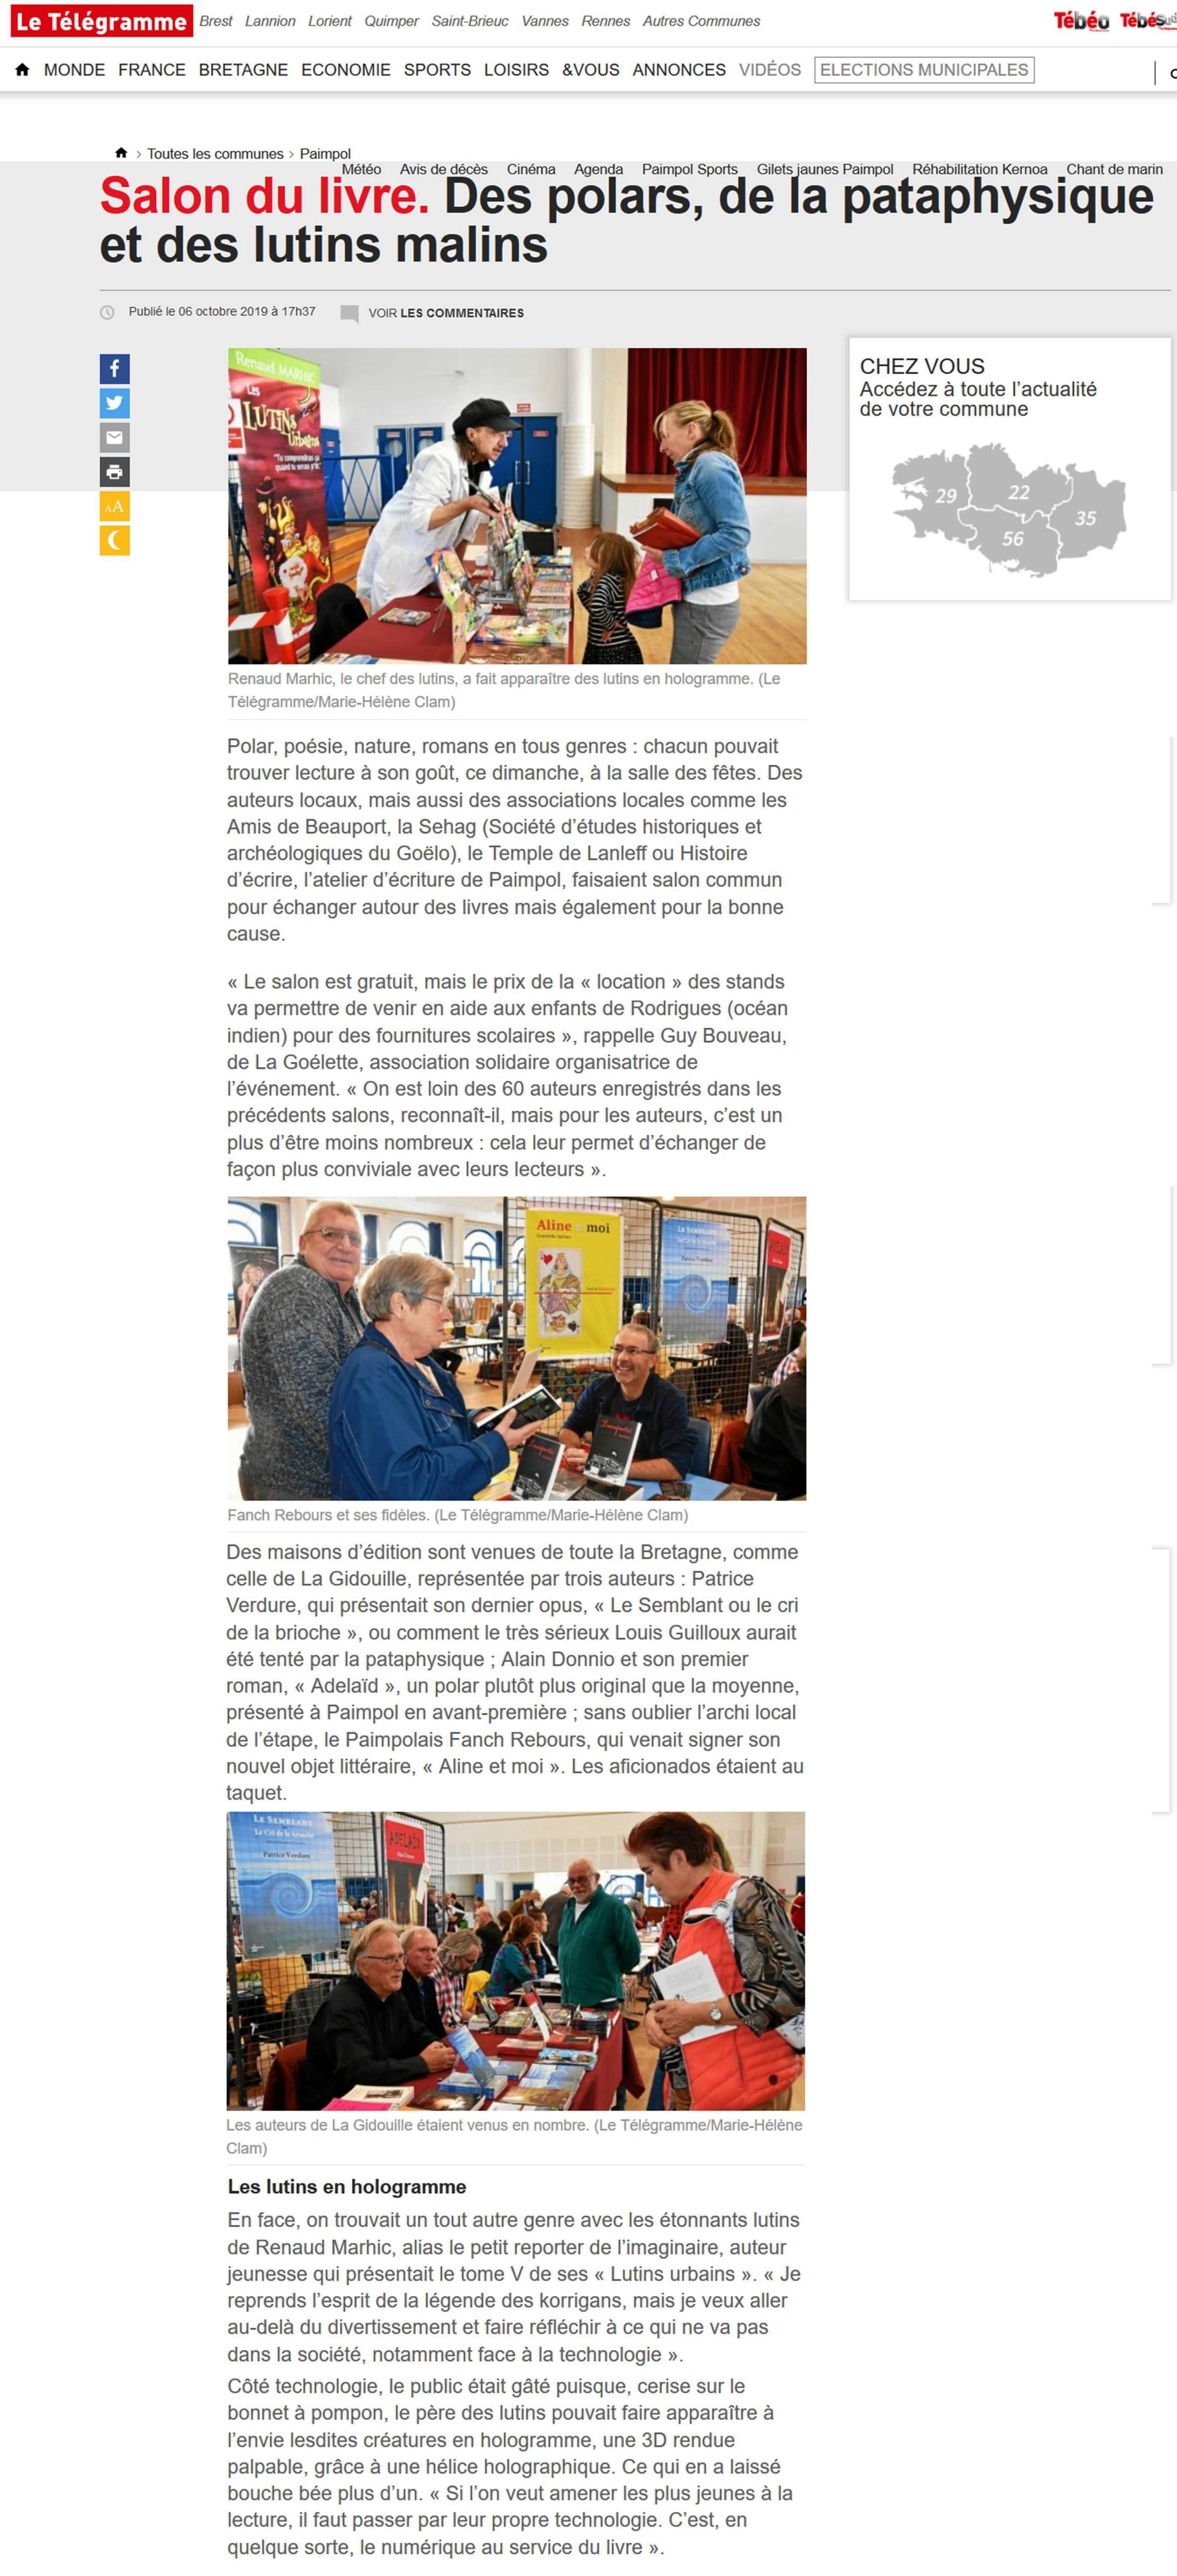 Petit Reporter de l'Imaginaire : dans le journal à Paimpol - Télégramme